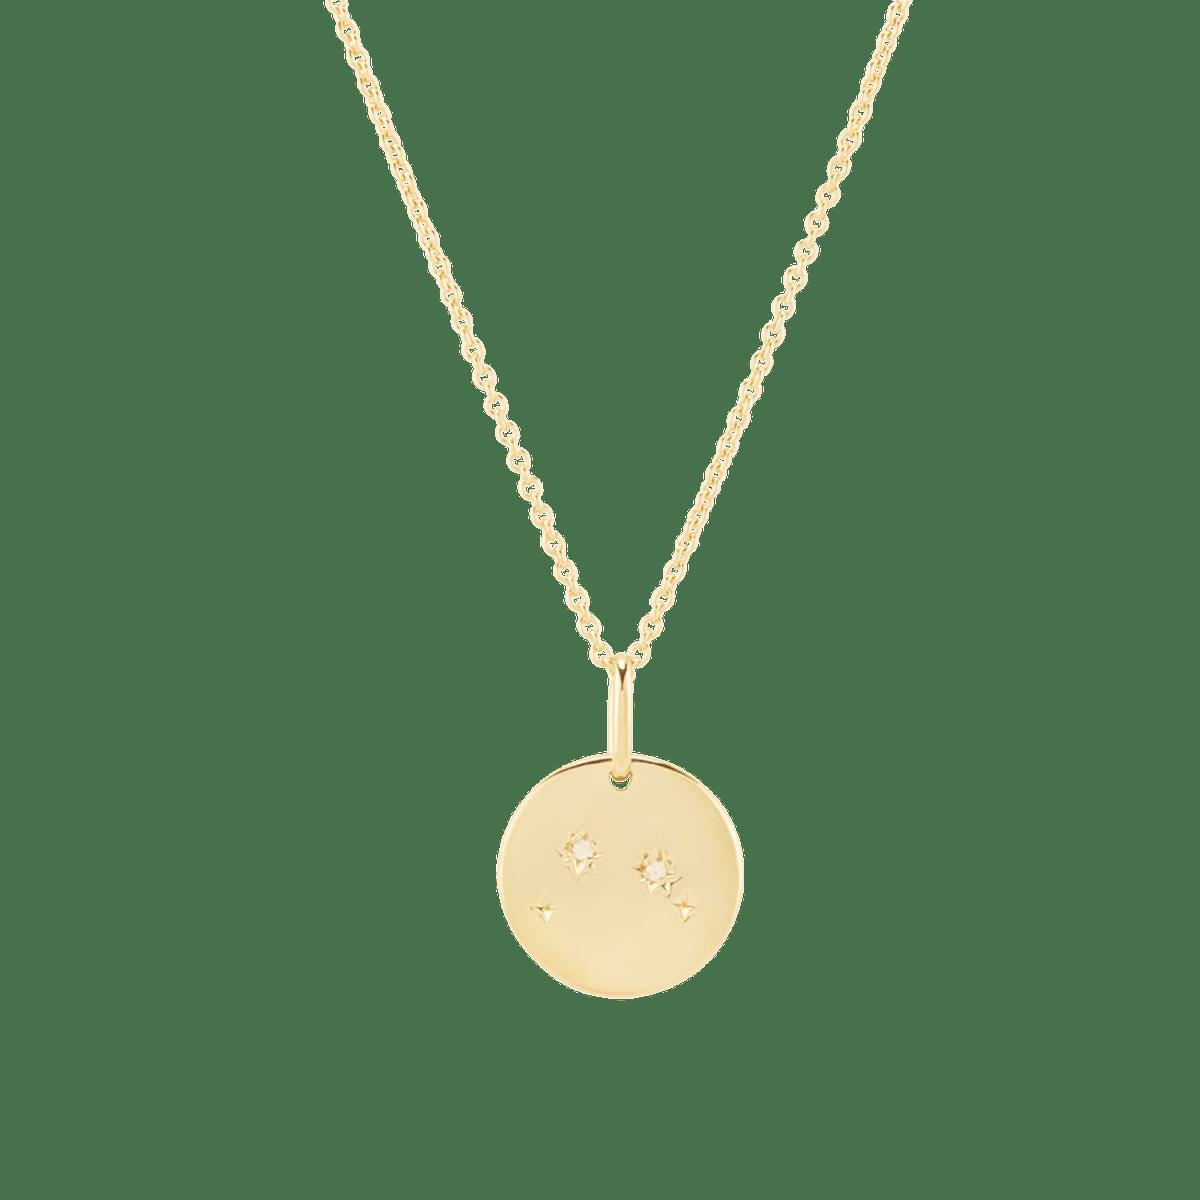 Aries Necklace Vermeil